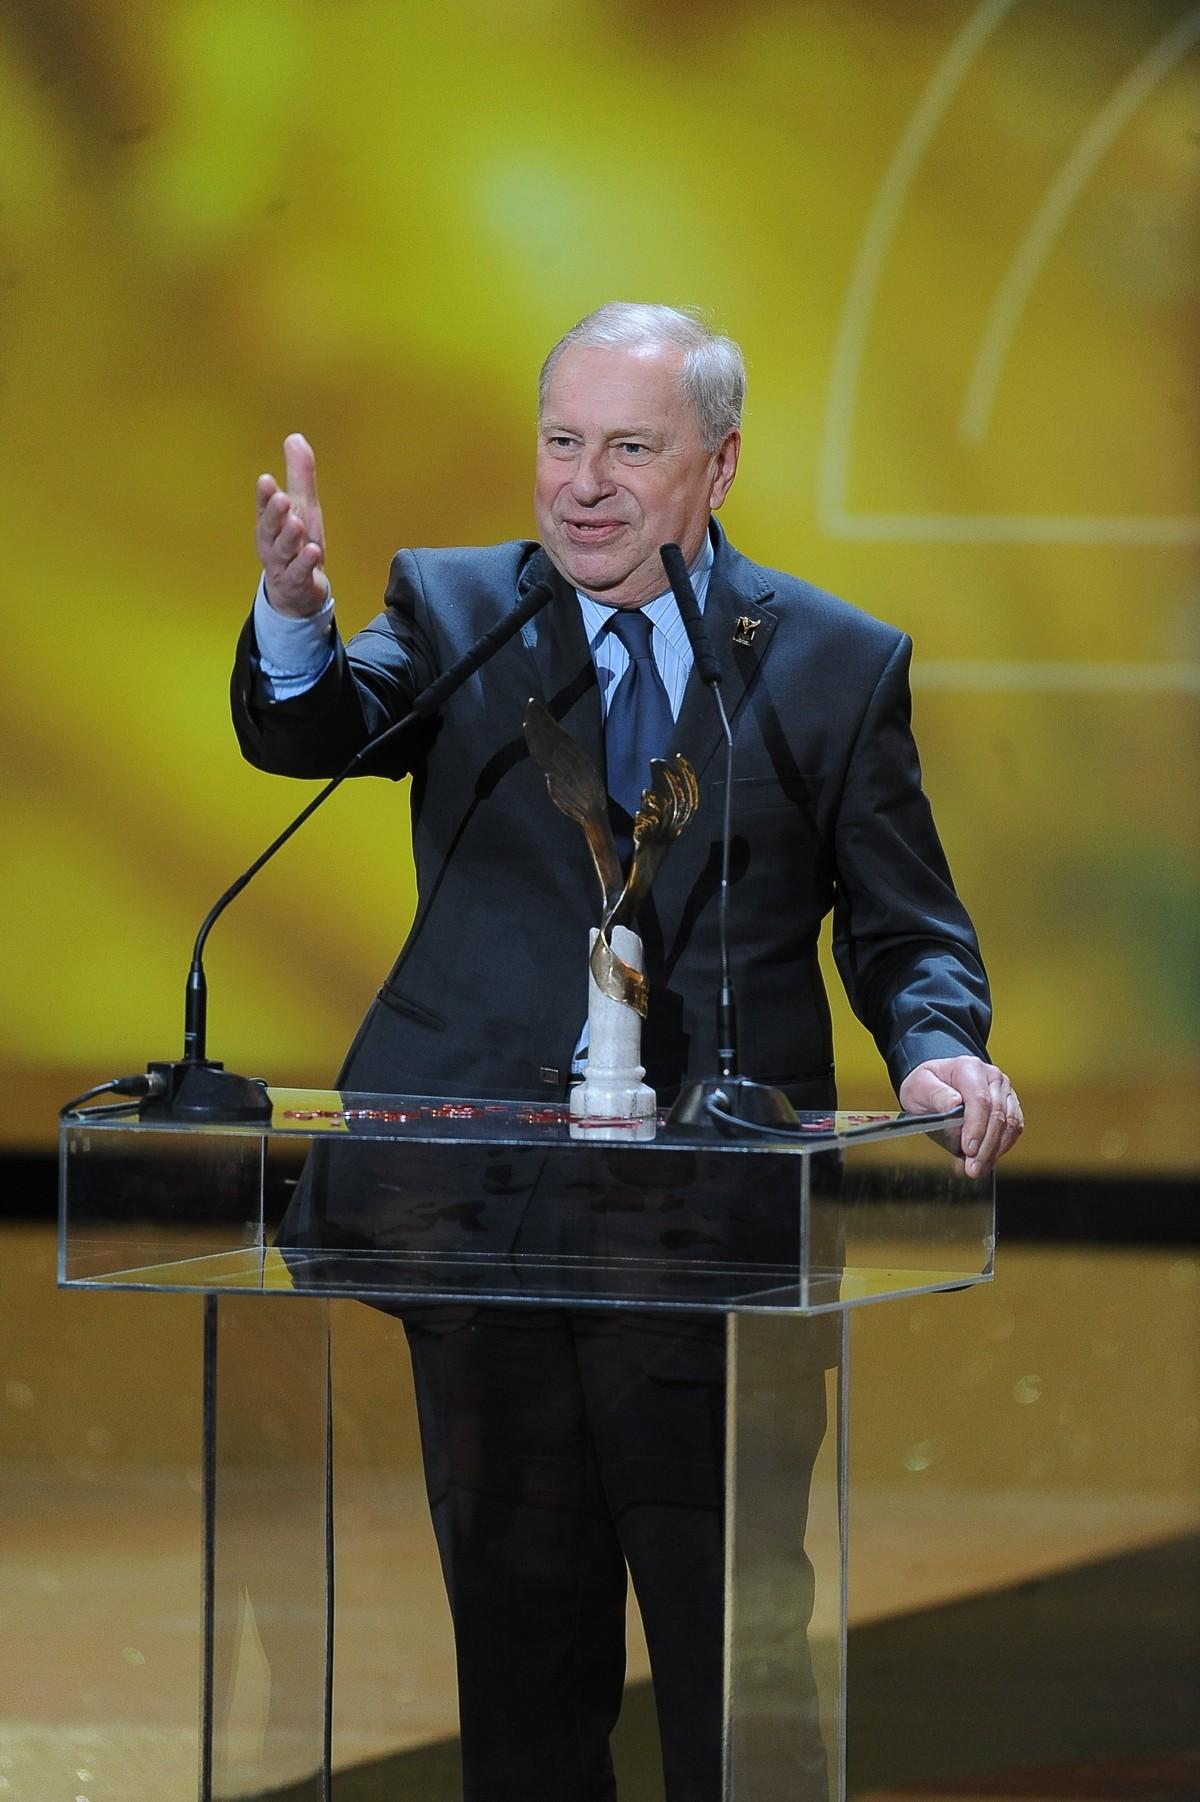 Polskie Nagrody Filmowe Orły 2018, fot. Tomasz Urbanek/East News (źródło: materiały prasowe organizatora)